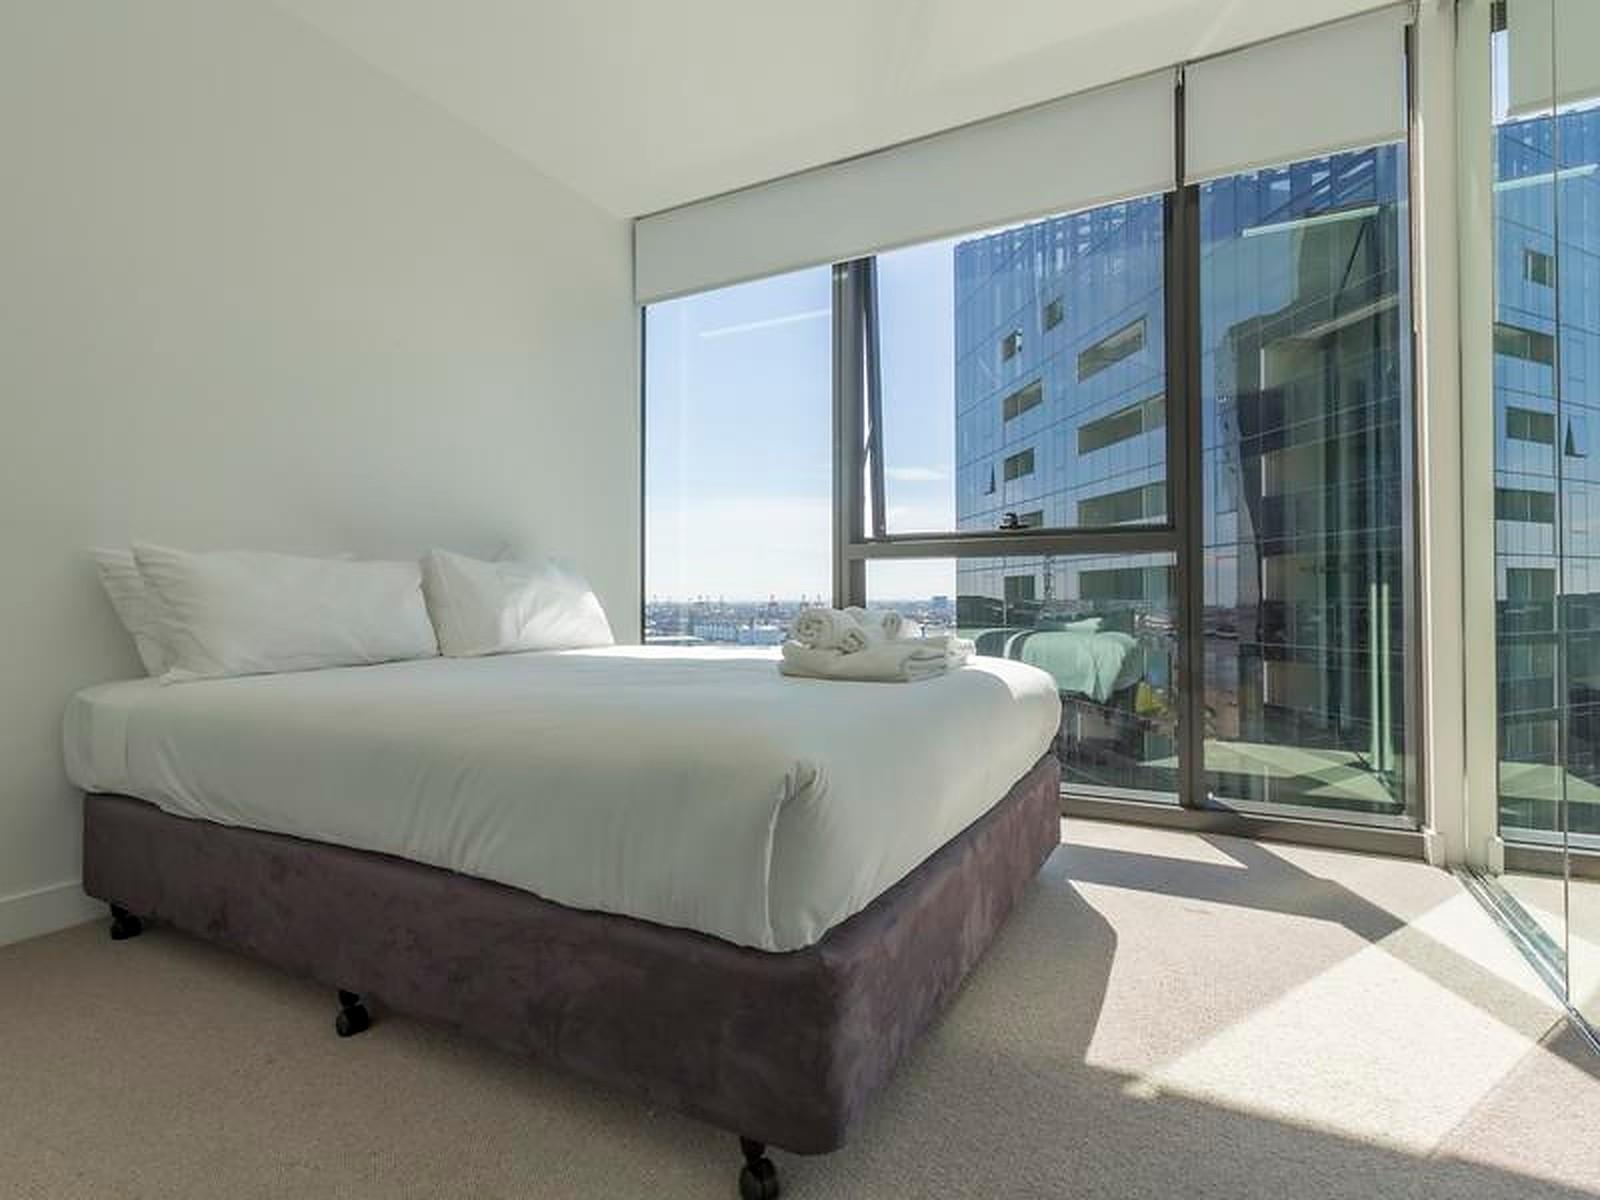 Ferienwohnung Docklands Waterfront 1006PR 2 Bett Free Wifi (2781427), Melbourne, , Victoria, Australien, Bild 29